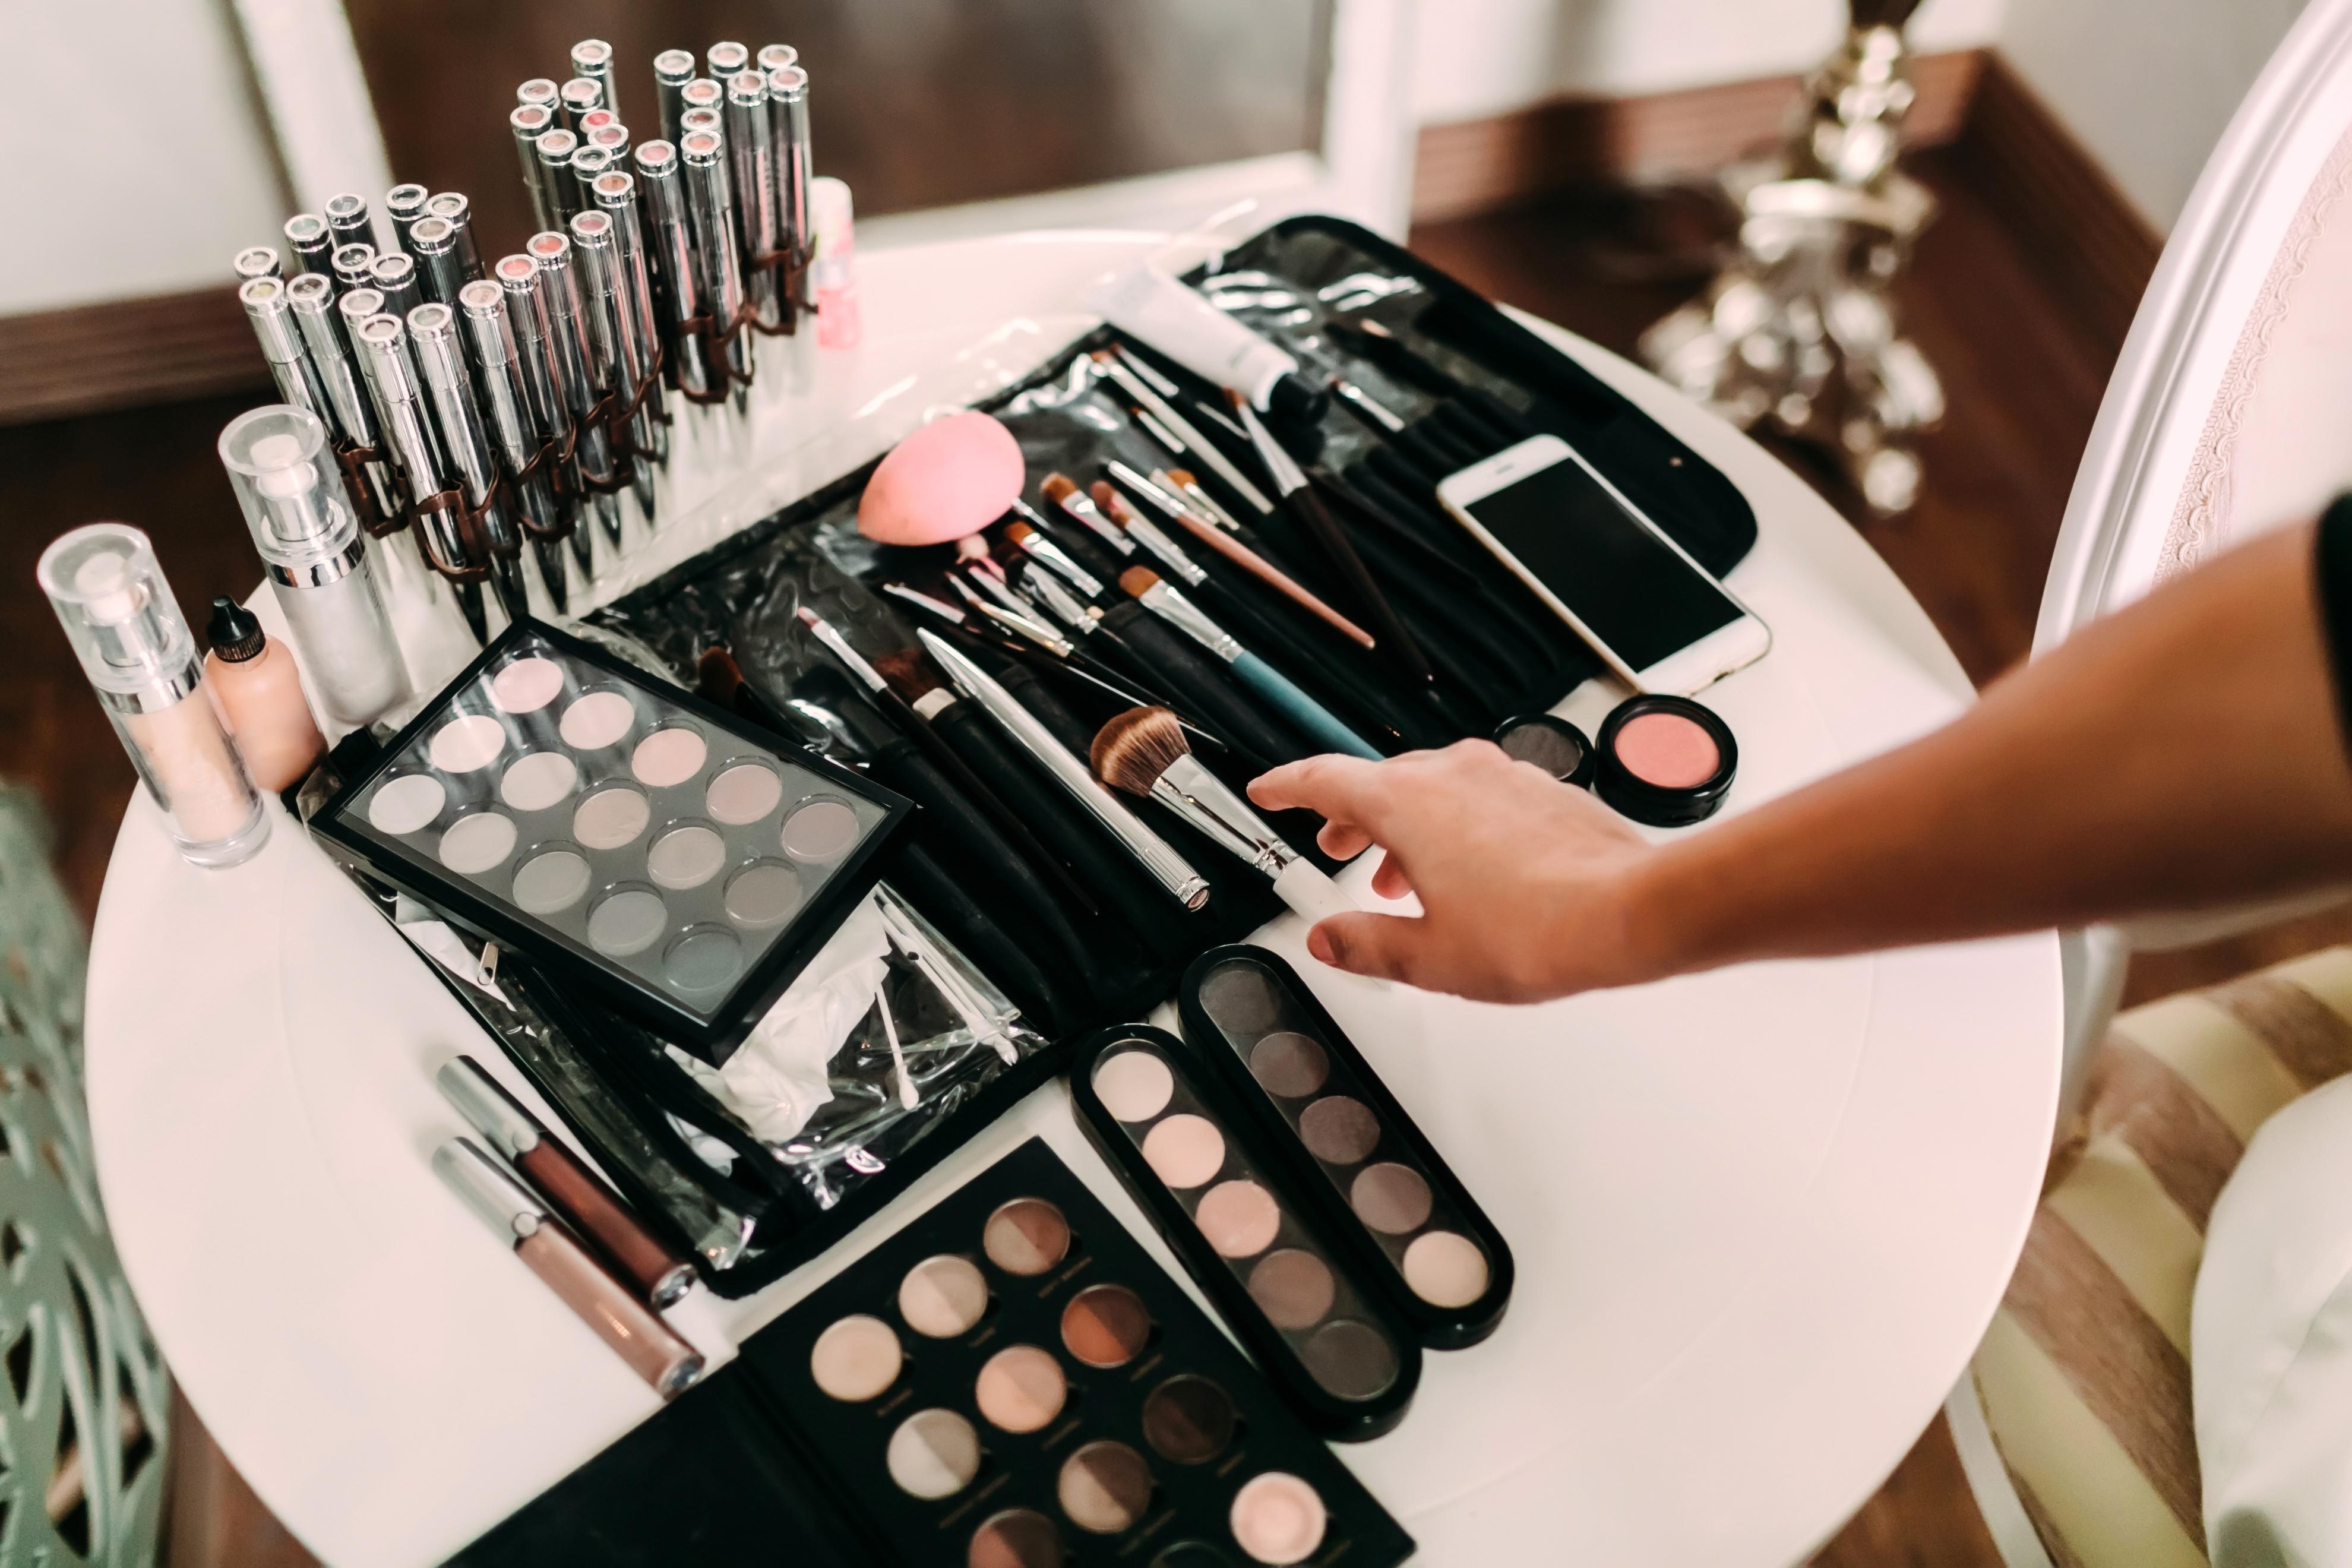 cdcec3f8c Existen productos de belleza que tienen usos alternativos secretos que  probablemente no conoces. Es decir, productos que fueron creados con un  fin, ...